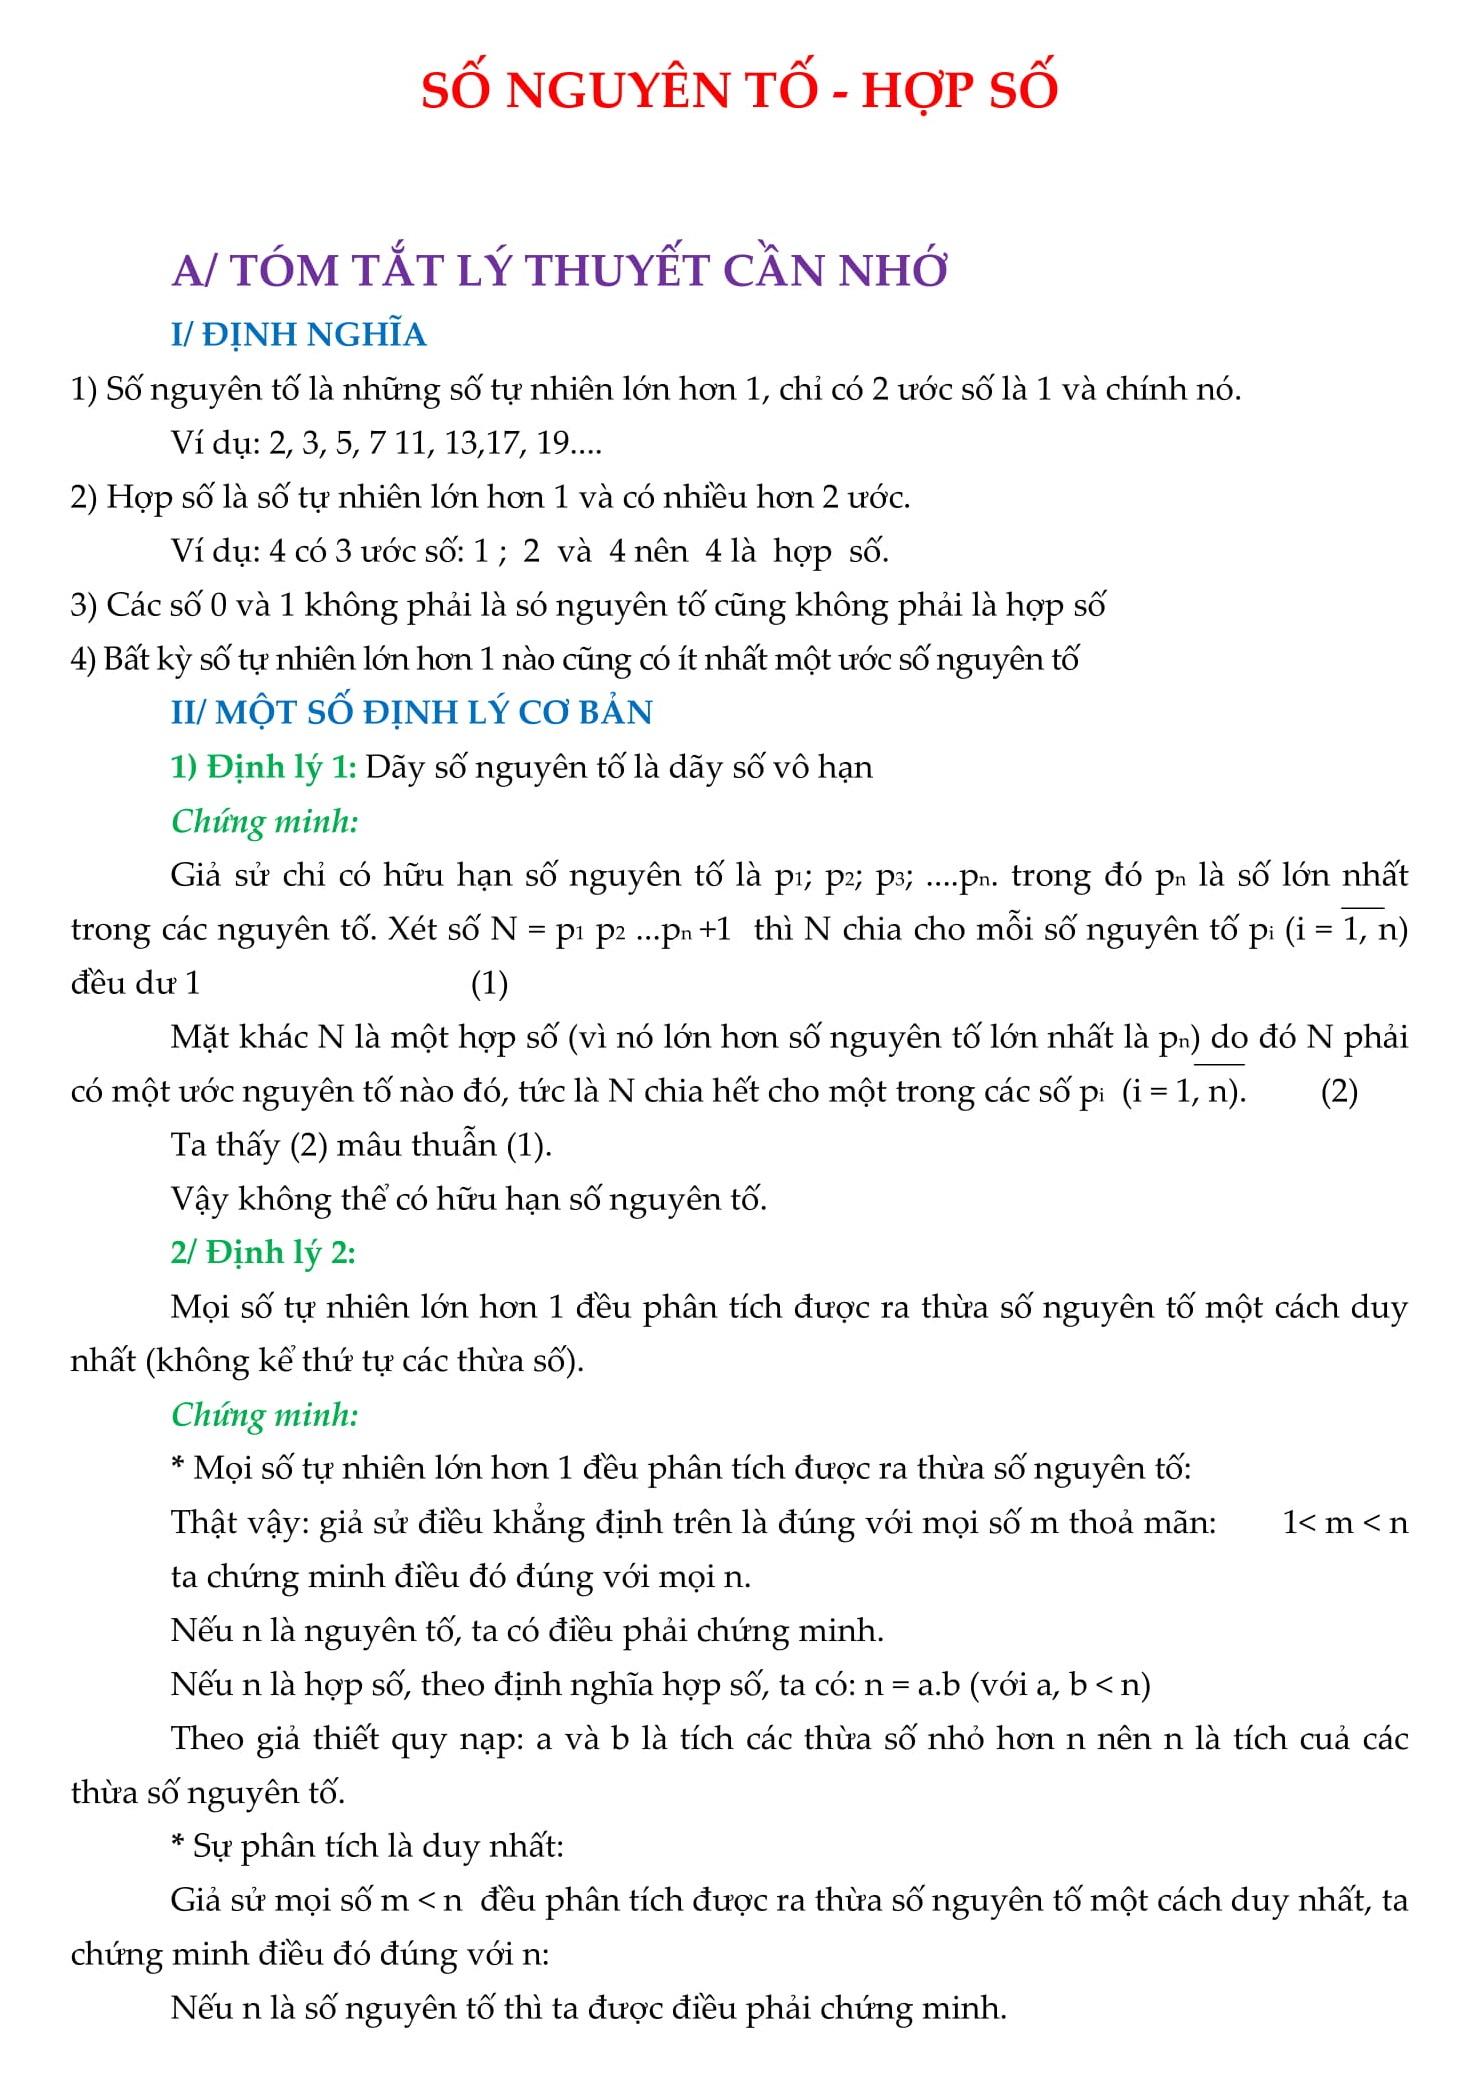 Chuyên đề Số nguyên tố và hợp số - Toán 9